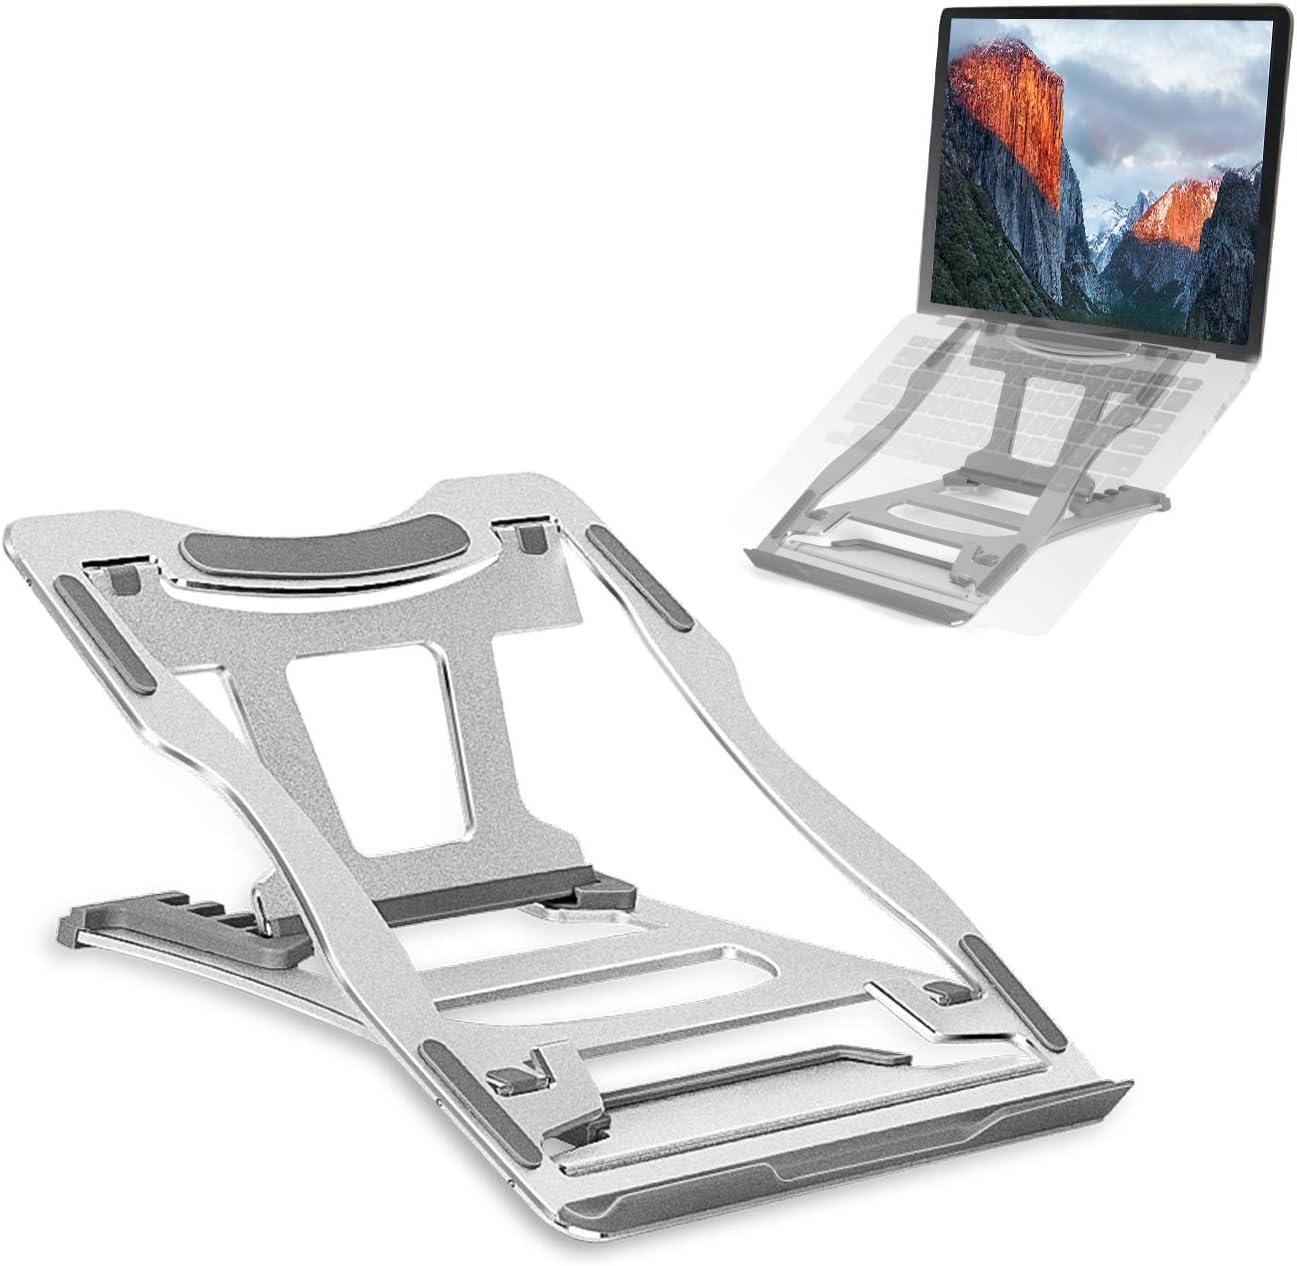 Laptop Stand Houston Mall for Desk JSVER Adjustable Aluminum 9 Philadelphia Mall